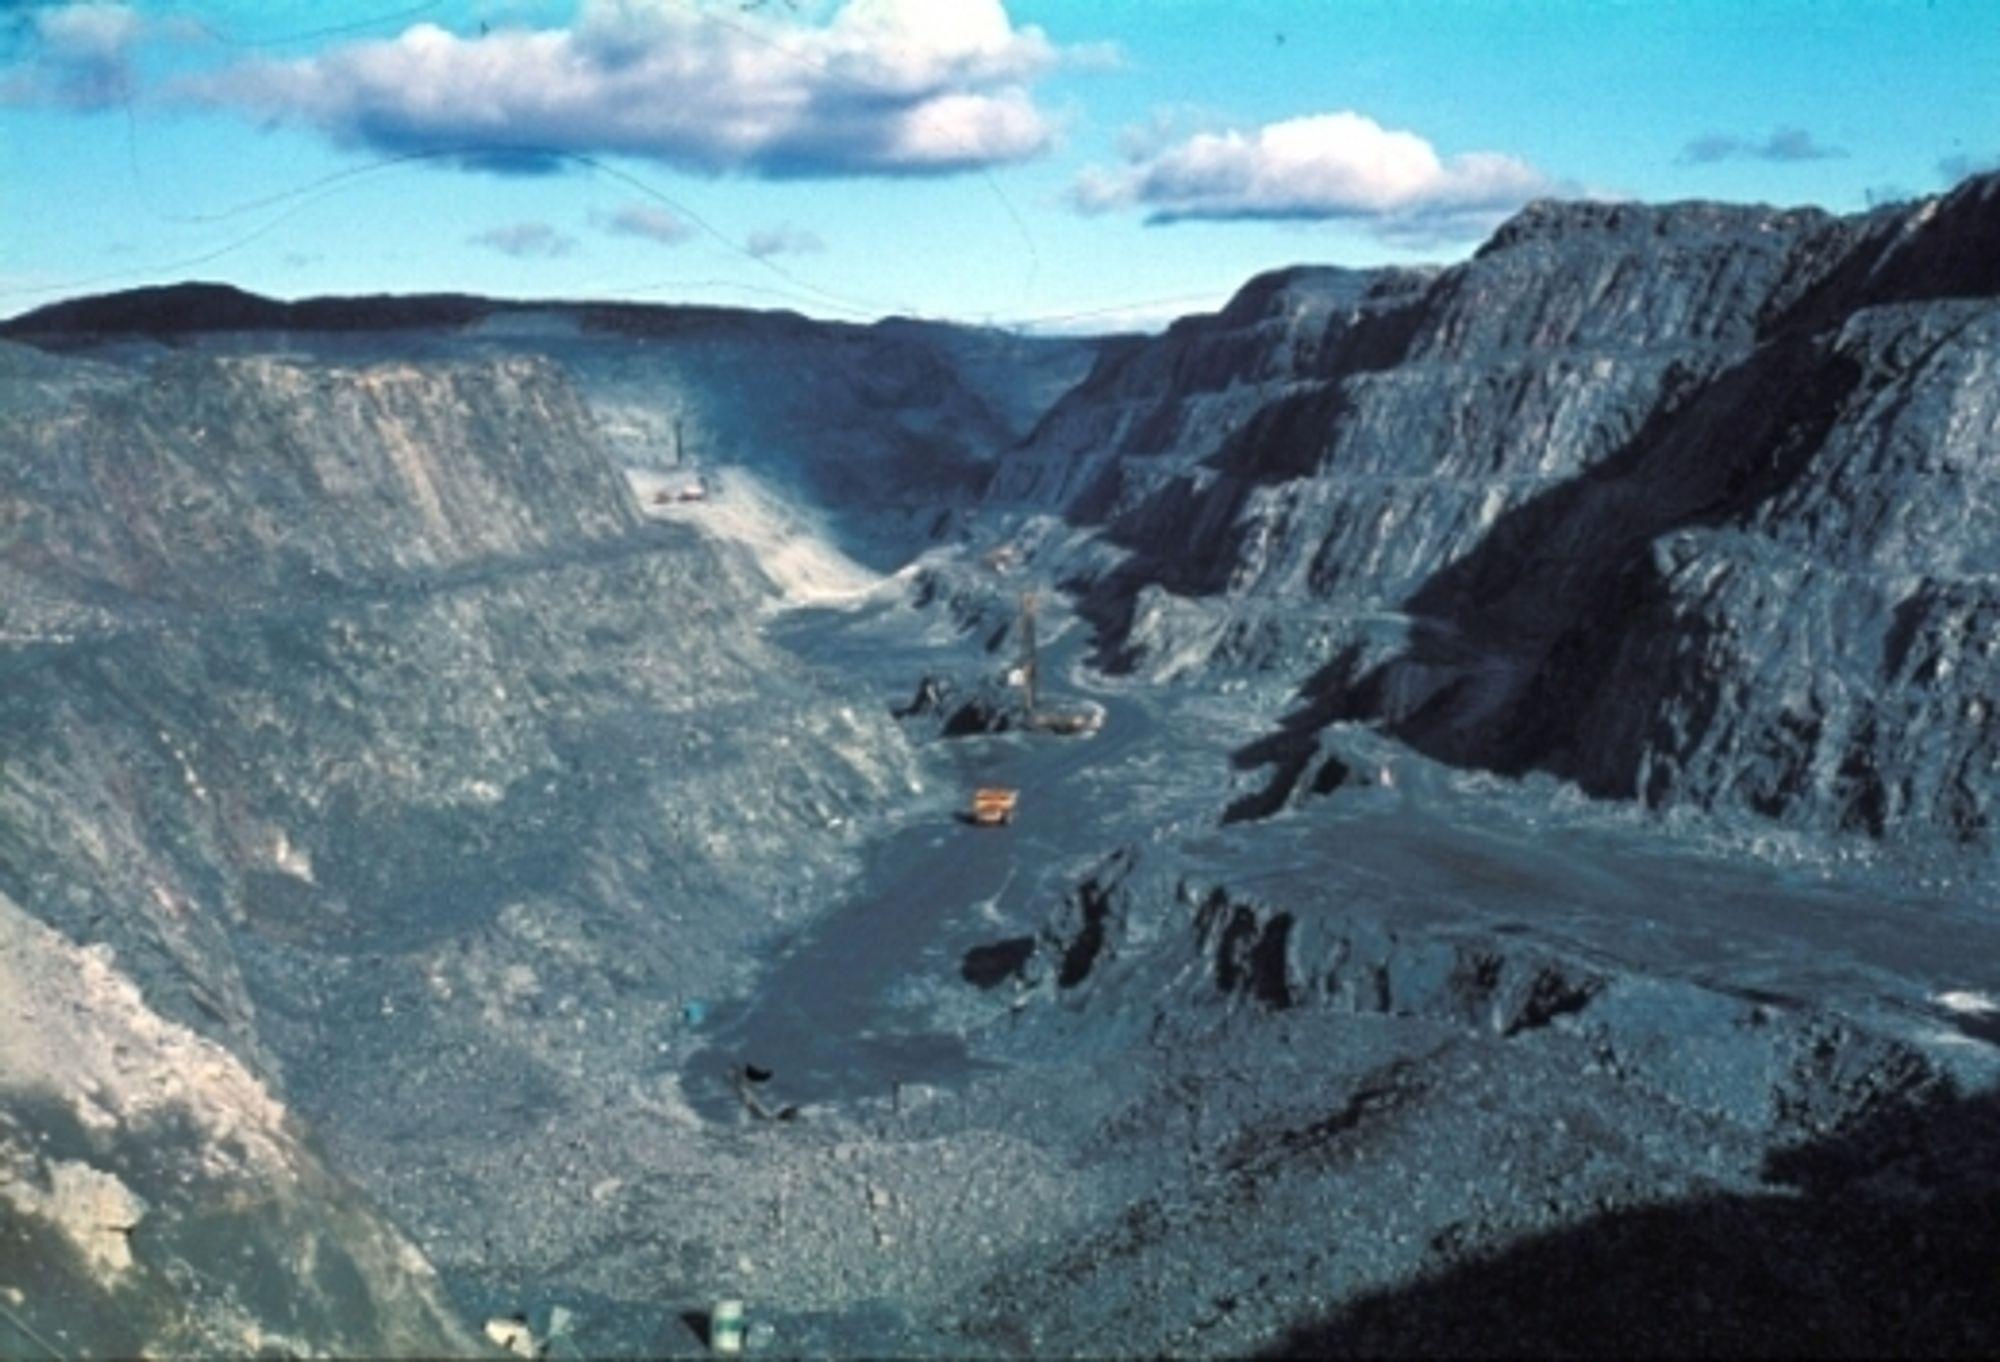 FÅR NYTT LIV: Jernproduksjonen i Sydvaranger pågikk i nesten hundre år, før malmgruvene ble stengt på midten av nittitallet. Neste år får gruvene nytt liv igjen. Her er dagbruddet ved Bjørnevatn ved Kirkenes, som nå er nedlagt.